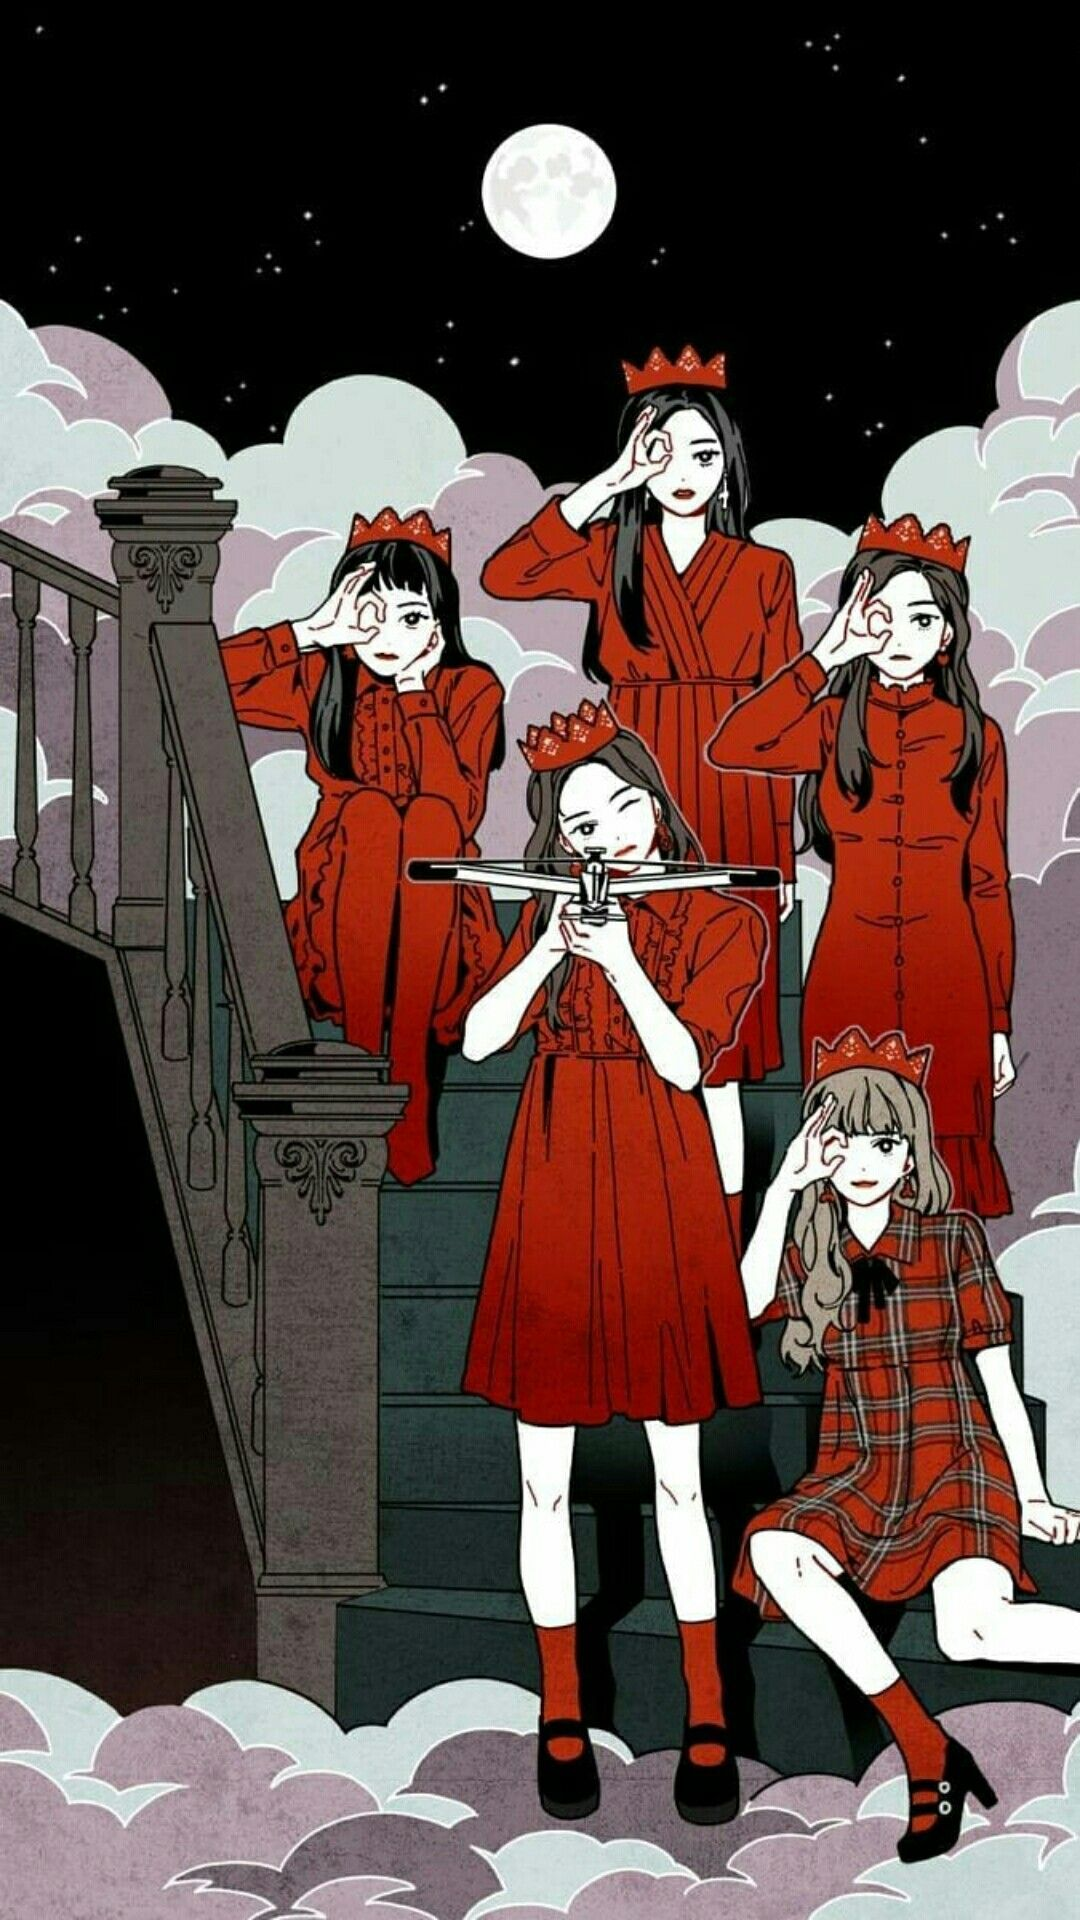 Red Velvet Anime Wallpapers Top Free Red Velvet Anime Backgrounds Wallpaperaccess